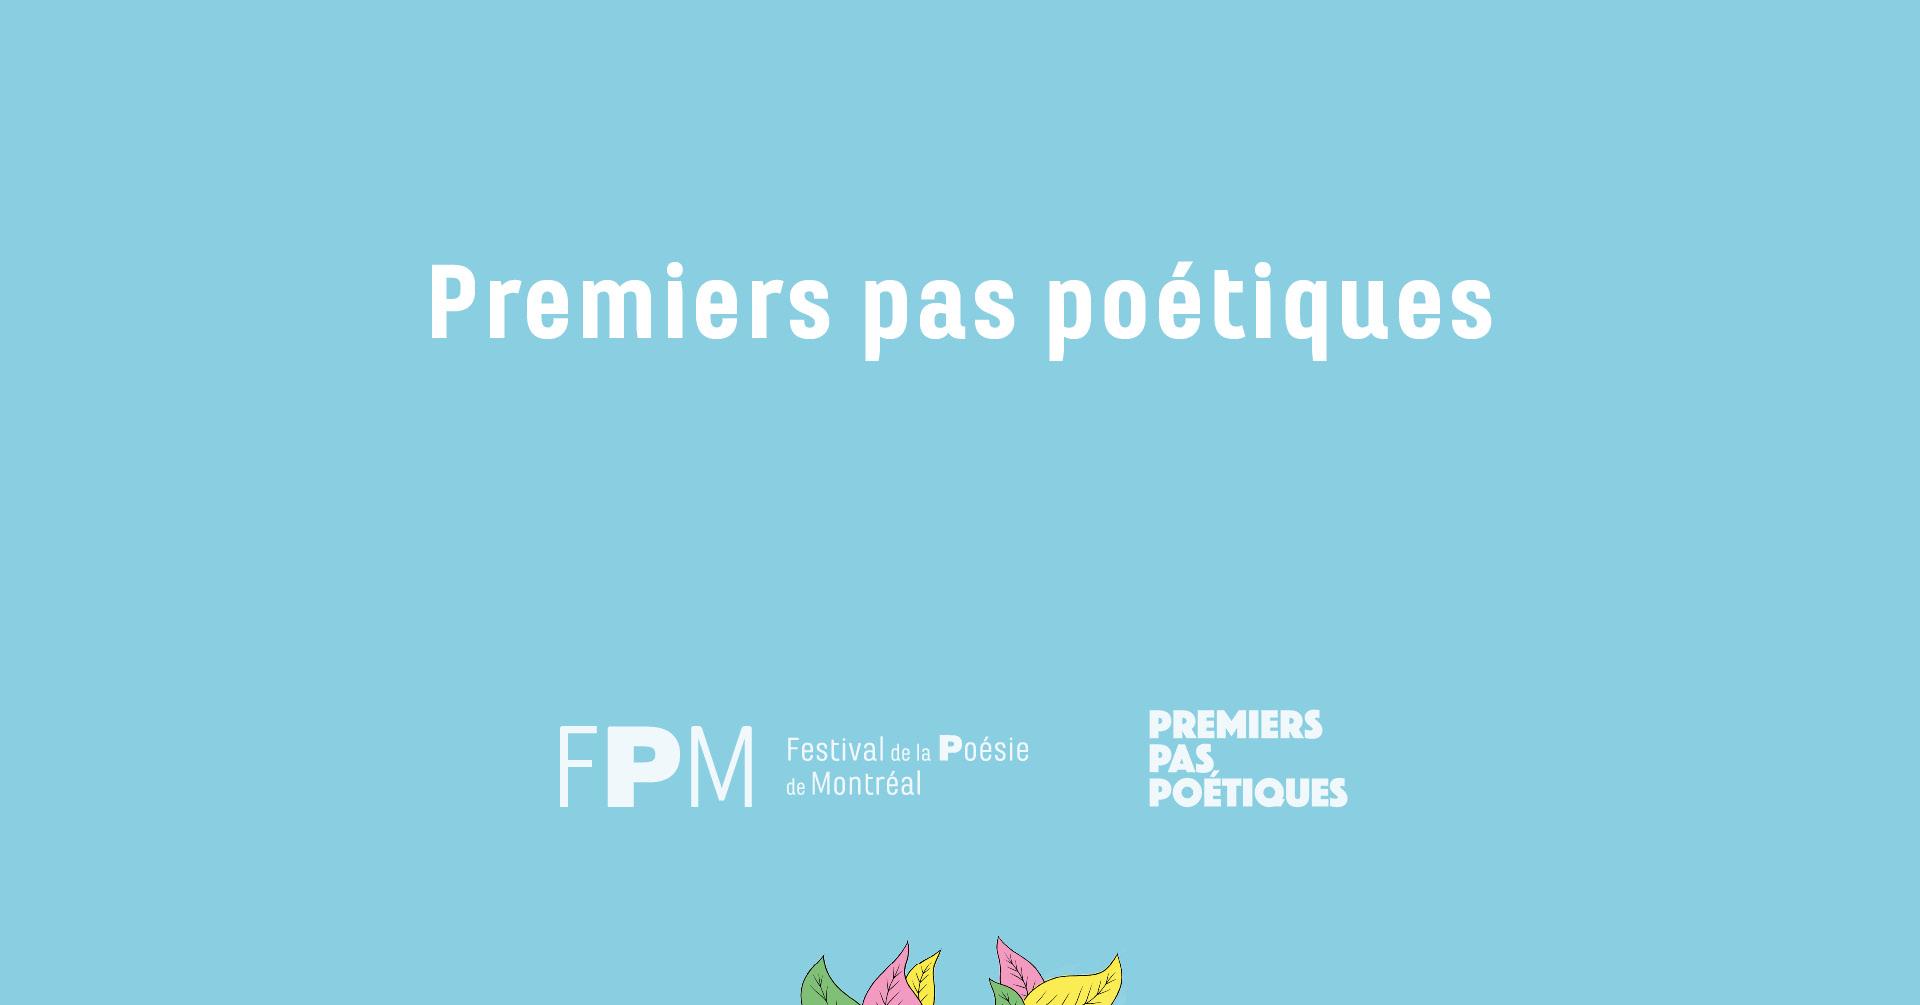 Premiers pas poétiques, la création jeunesse à l'honneur !